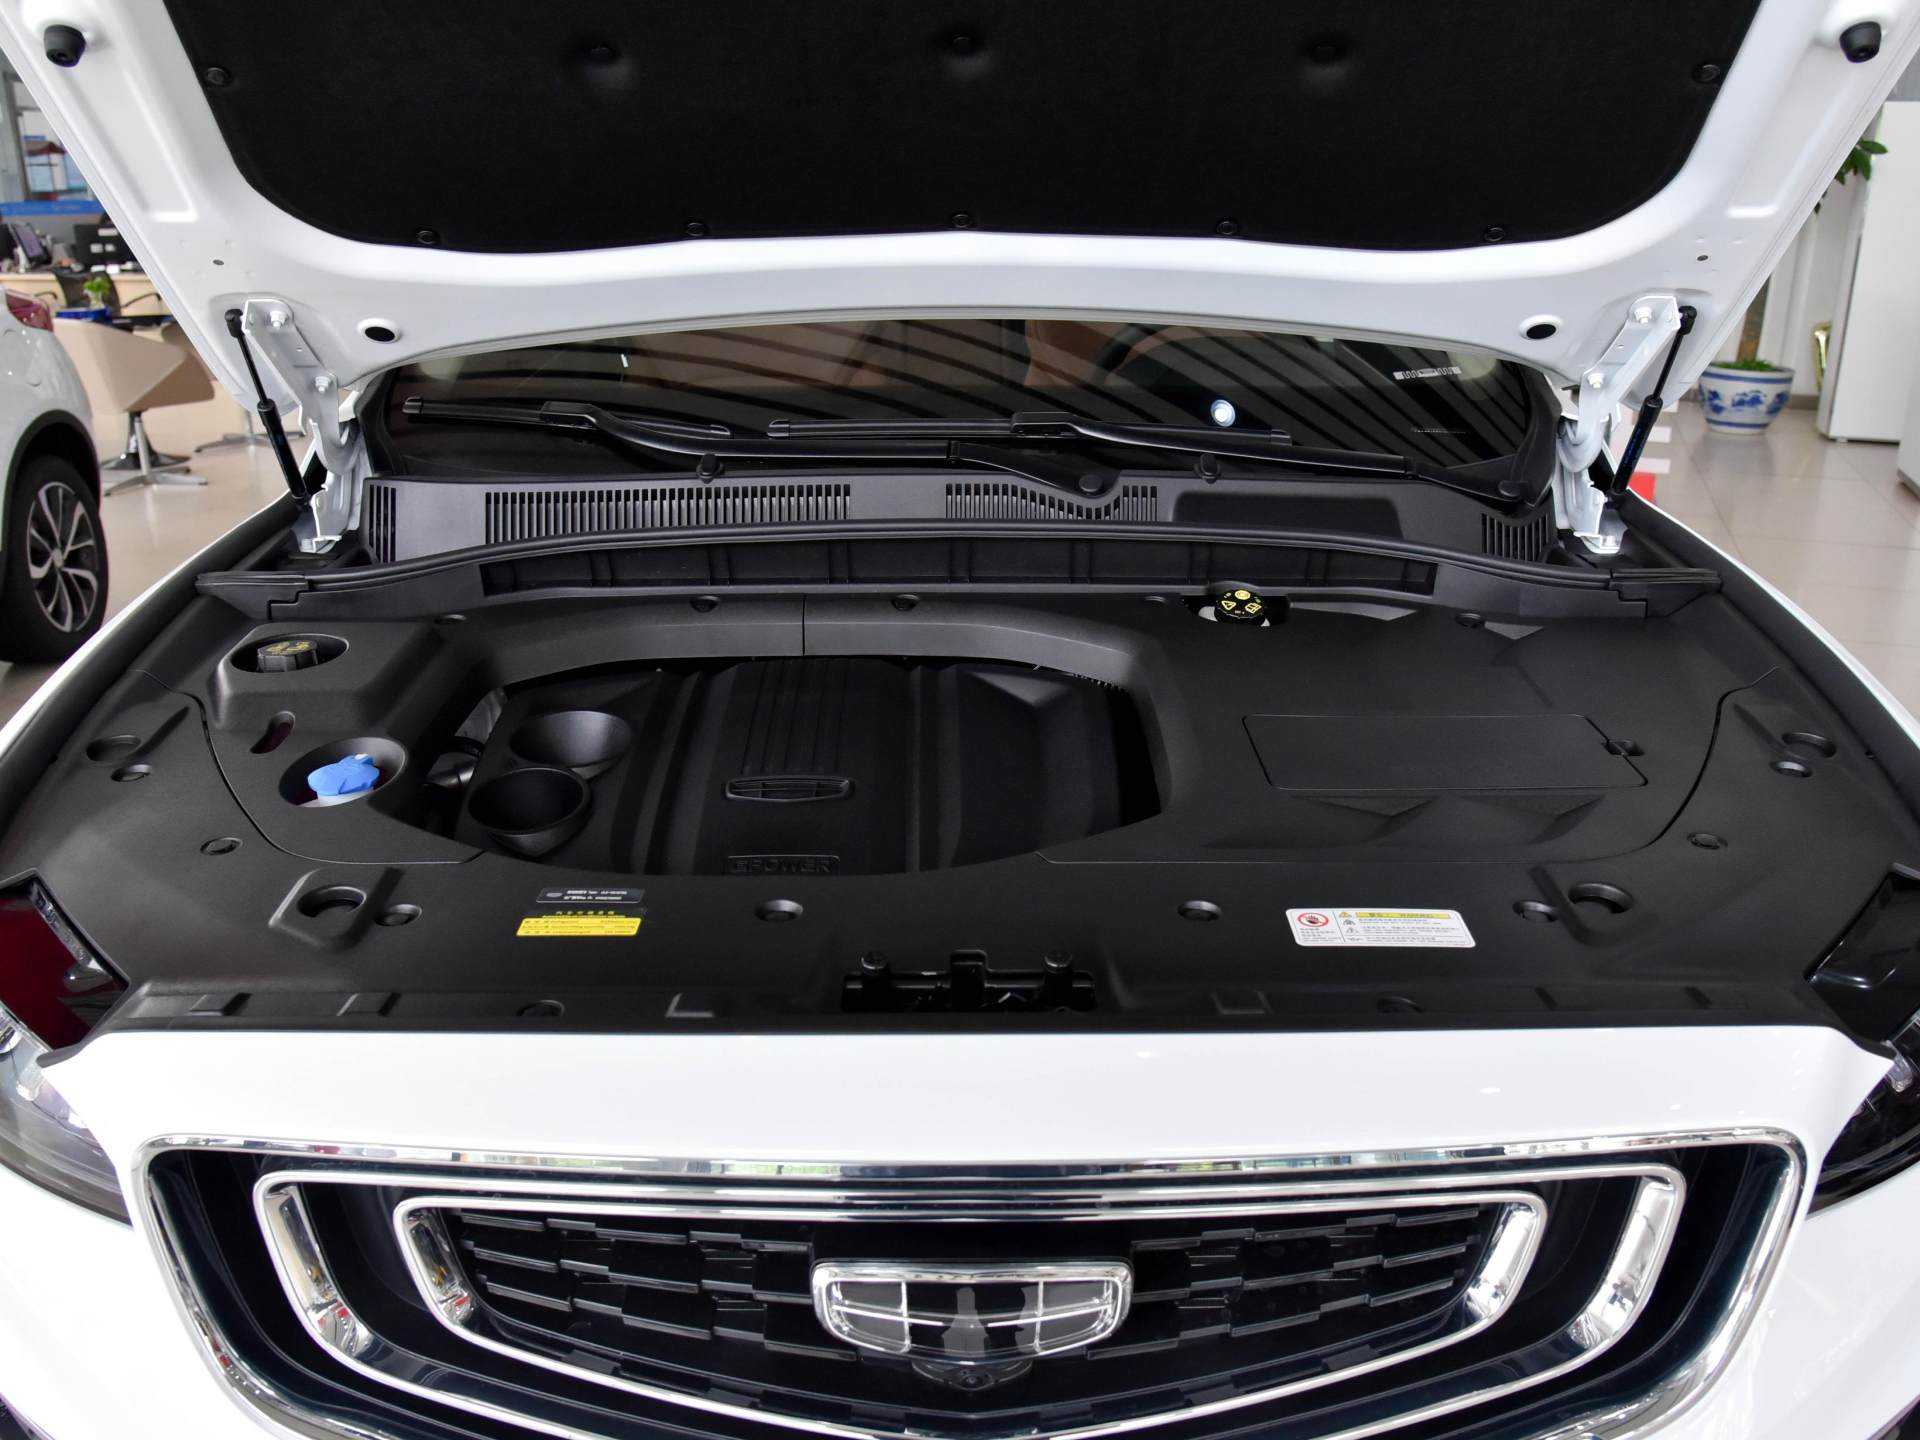 僅12萬的國產優質SUV,1.8T爆184馬力,空間不輸H6與CRV-圖5